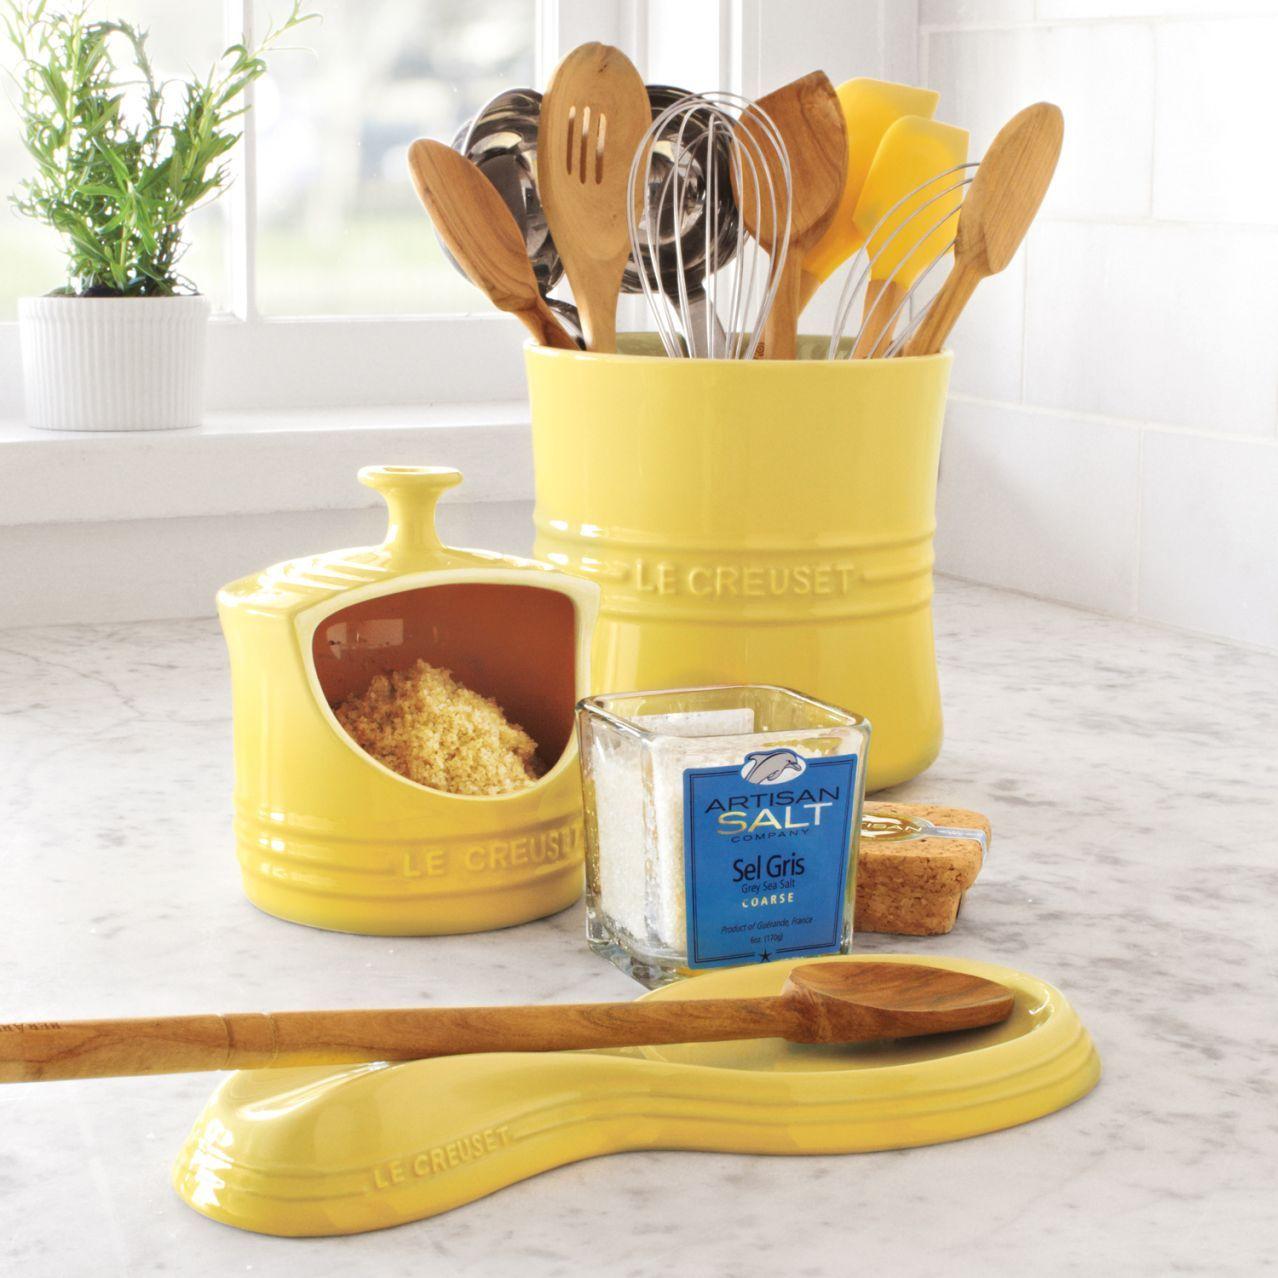 Le Creuset Soleil Utensil Crock Sur La Table Yellow Kitchen Accessories Yellow Kitchen Le Creuset Kitchen